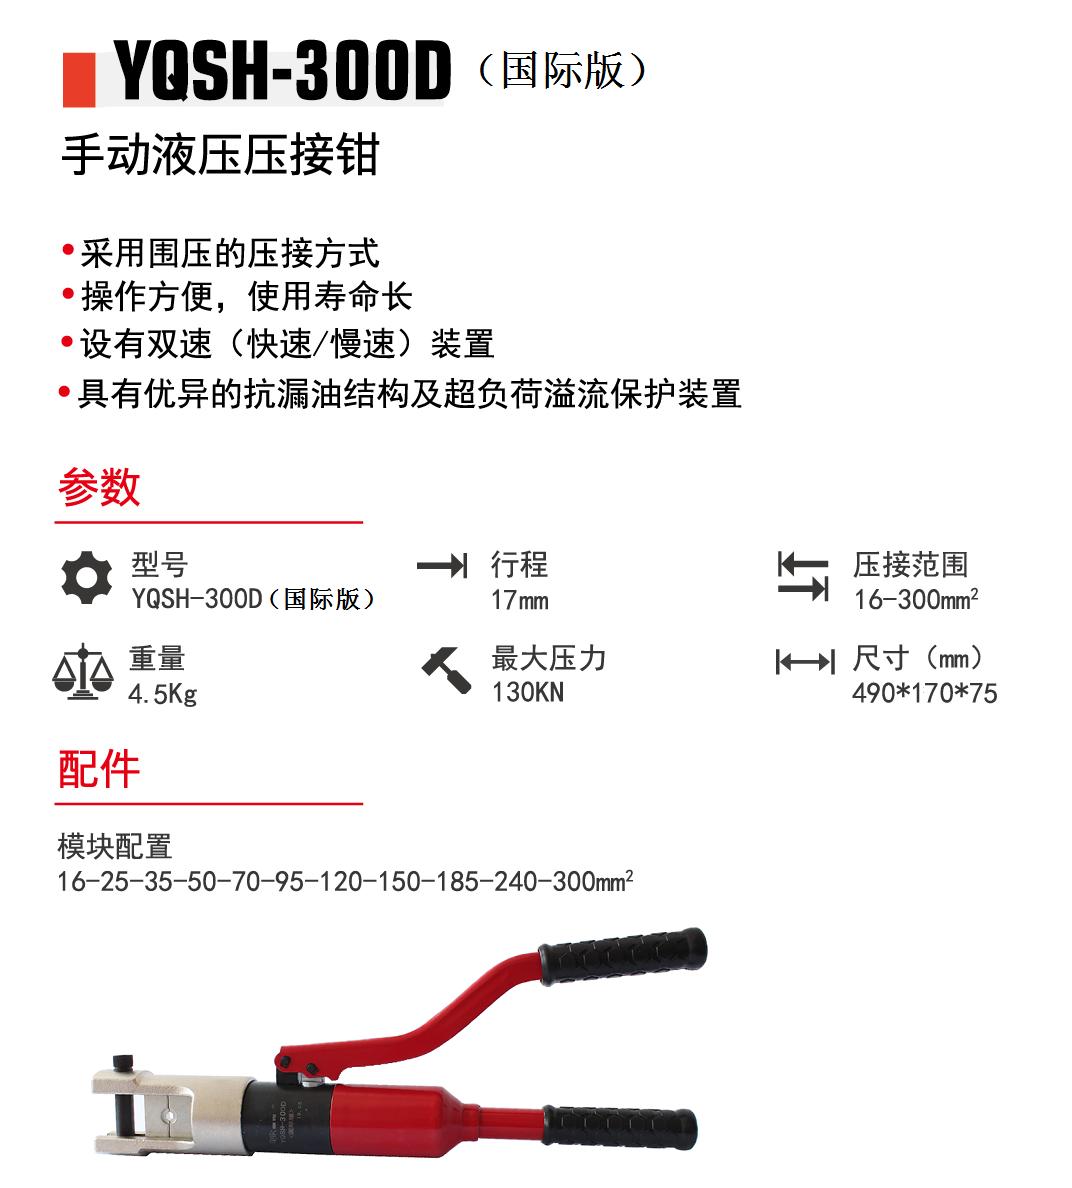 YQSH-300D详情.png